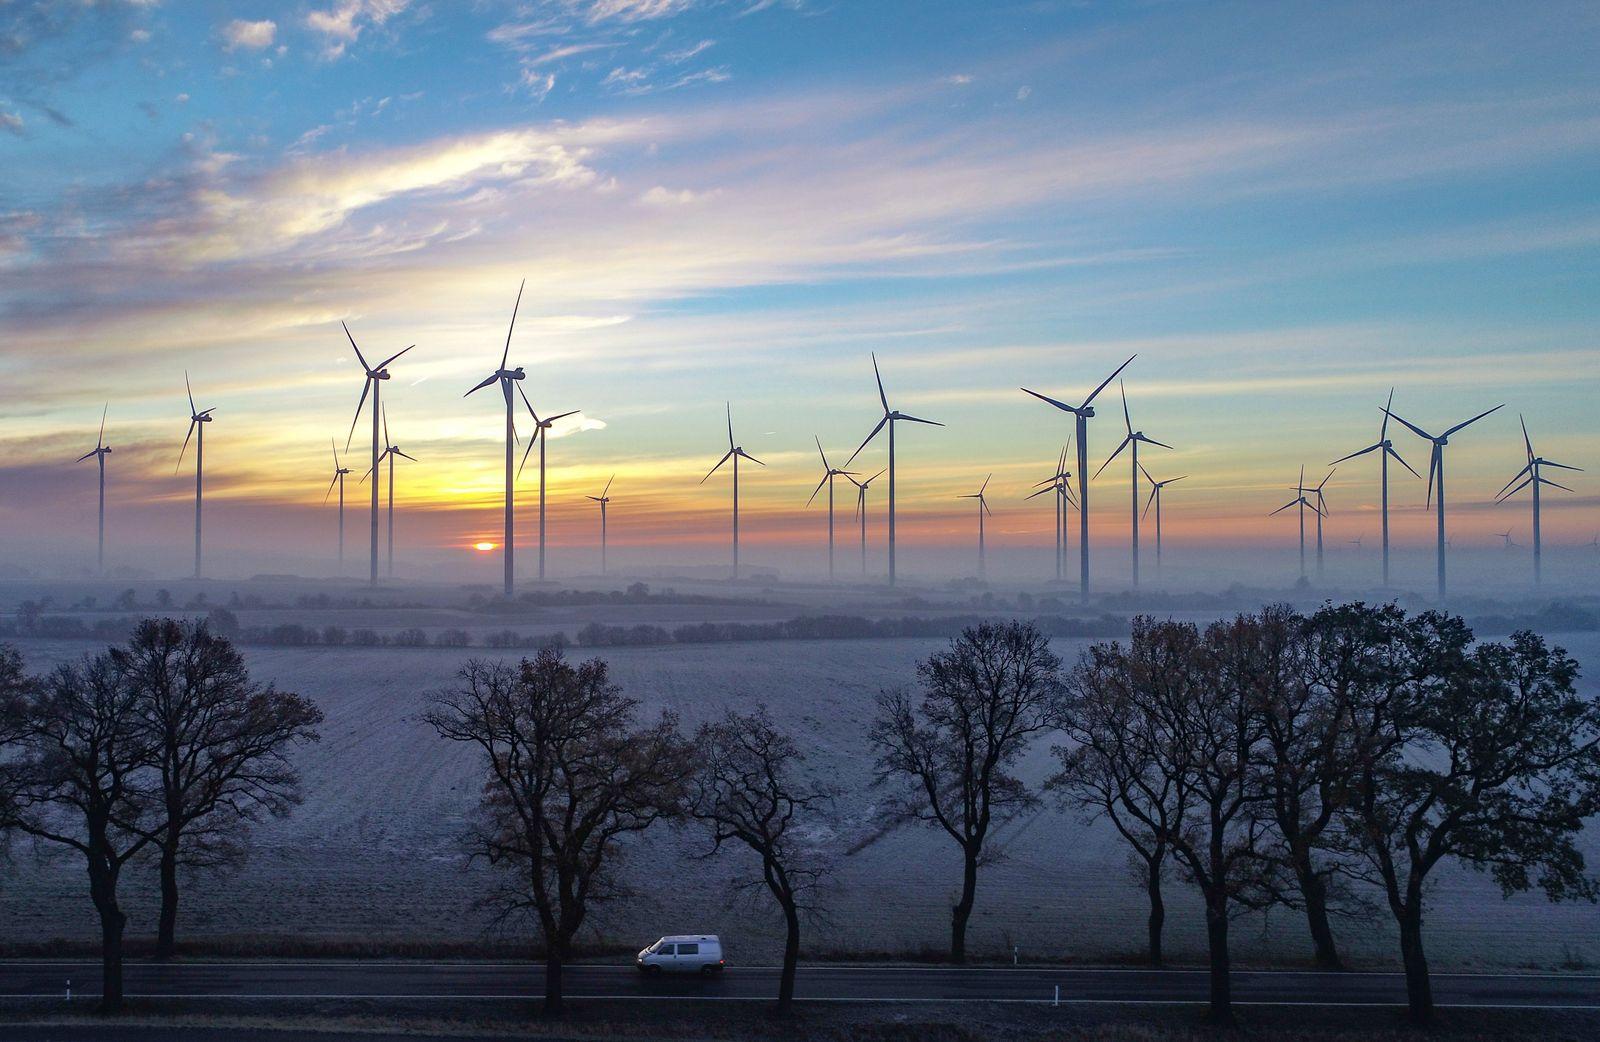 Windräder / Windenergie / Windkraft / Windkraftanlage / Windkraftanlage / Sonnenaufgang in Brandenburg